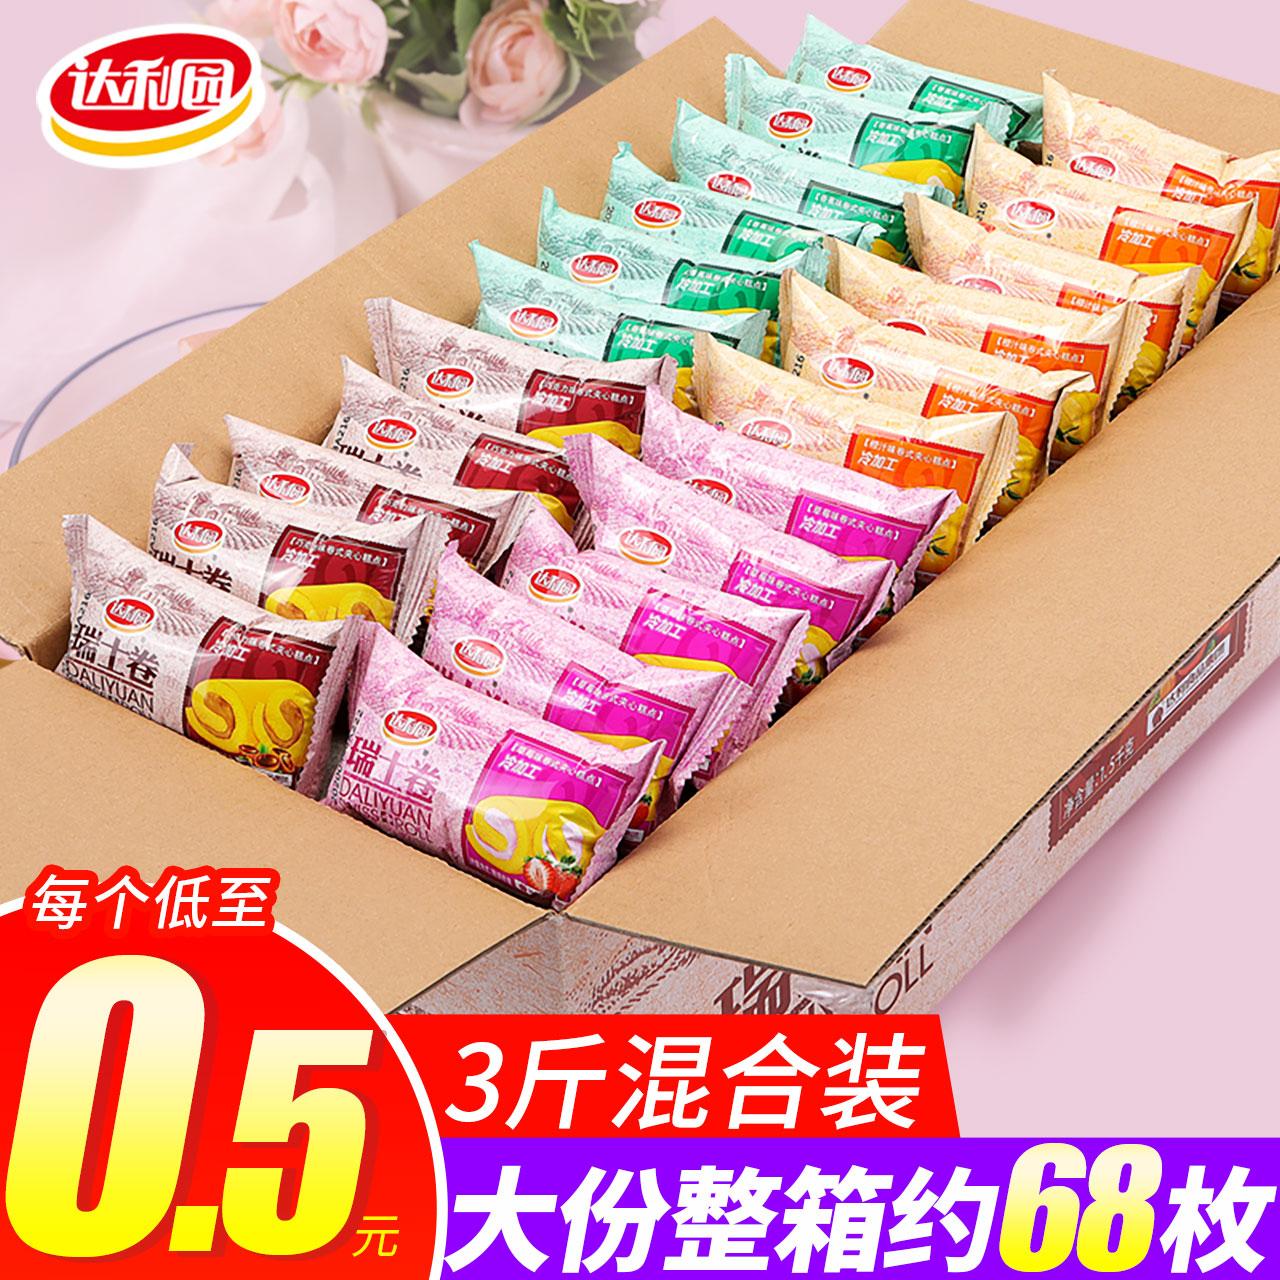 达利园瑞士卷营养健康早餐夹心软面包小零食整箱装毛巾卷蛋糕食品